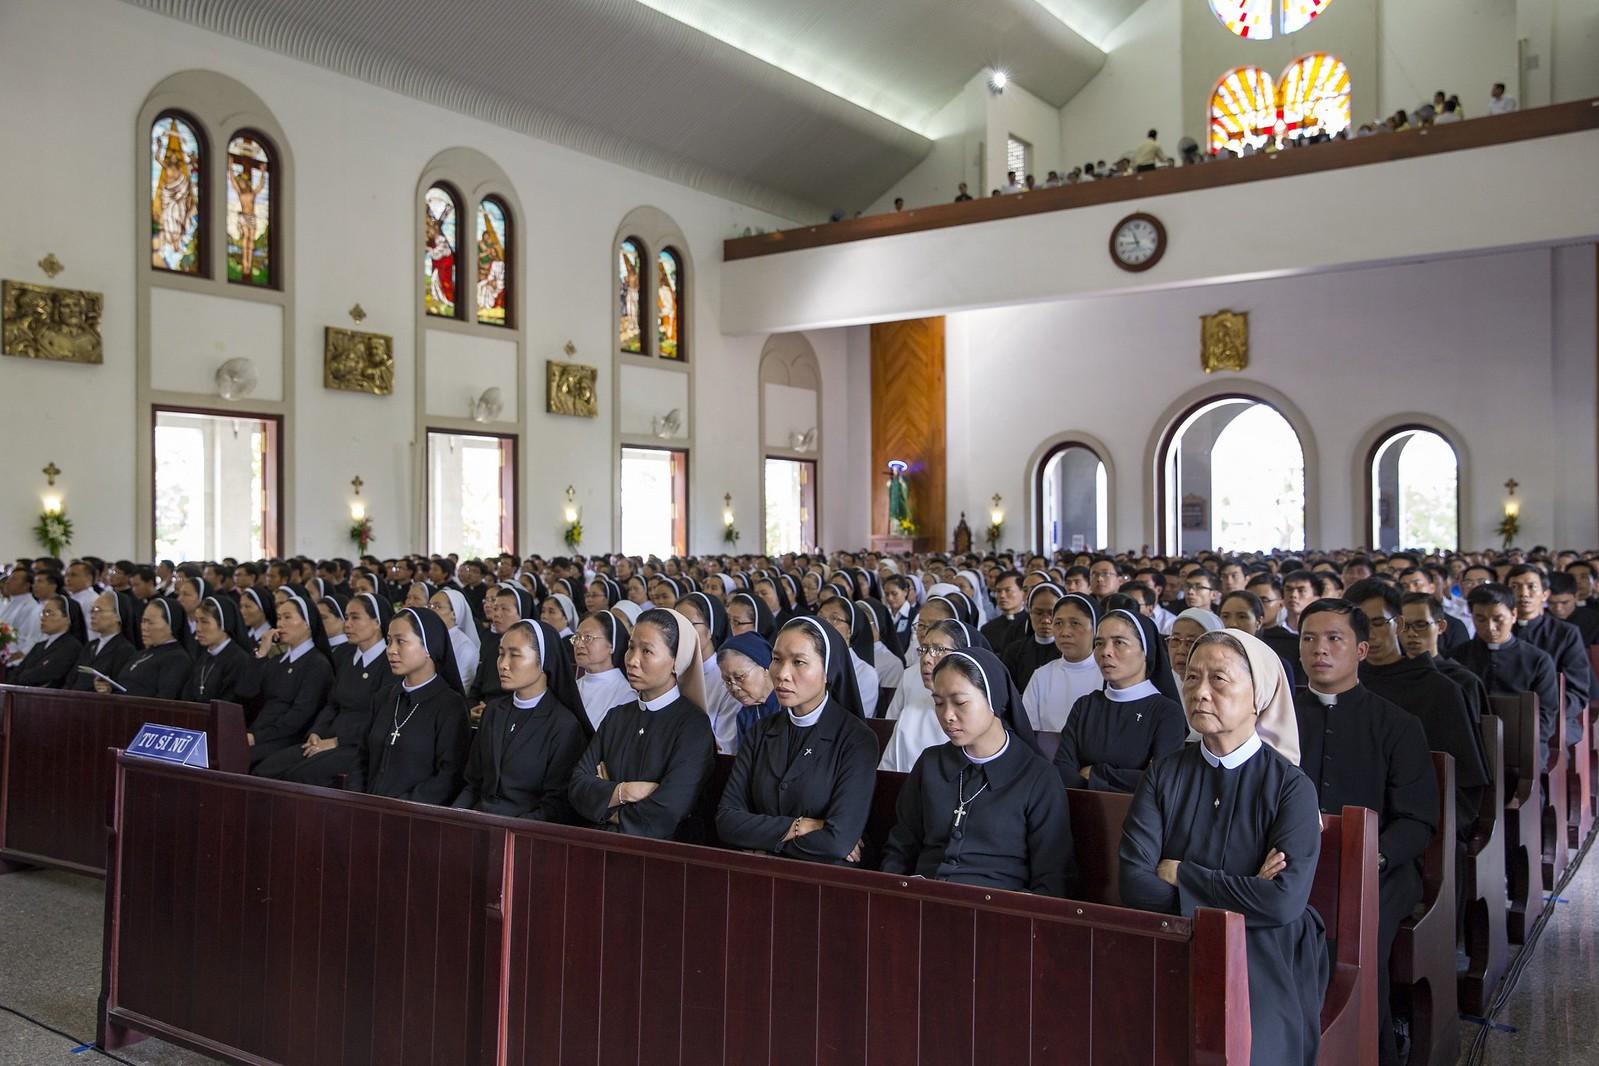 Giáo phận Bà Rịa: Thánh lễ Truyền chức Linh mục 2017 - Ảnh minh hoạ 9